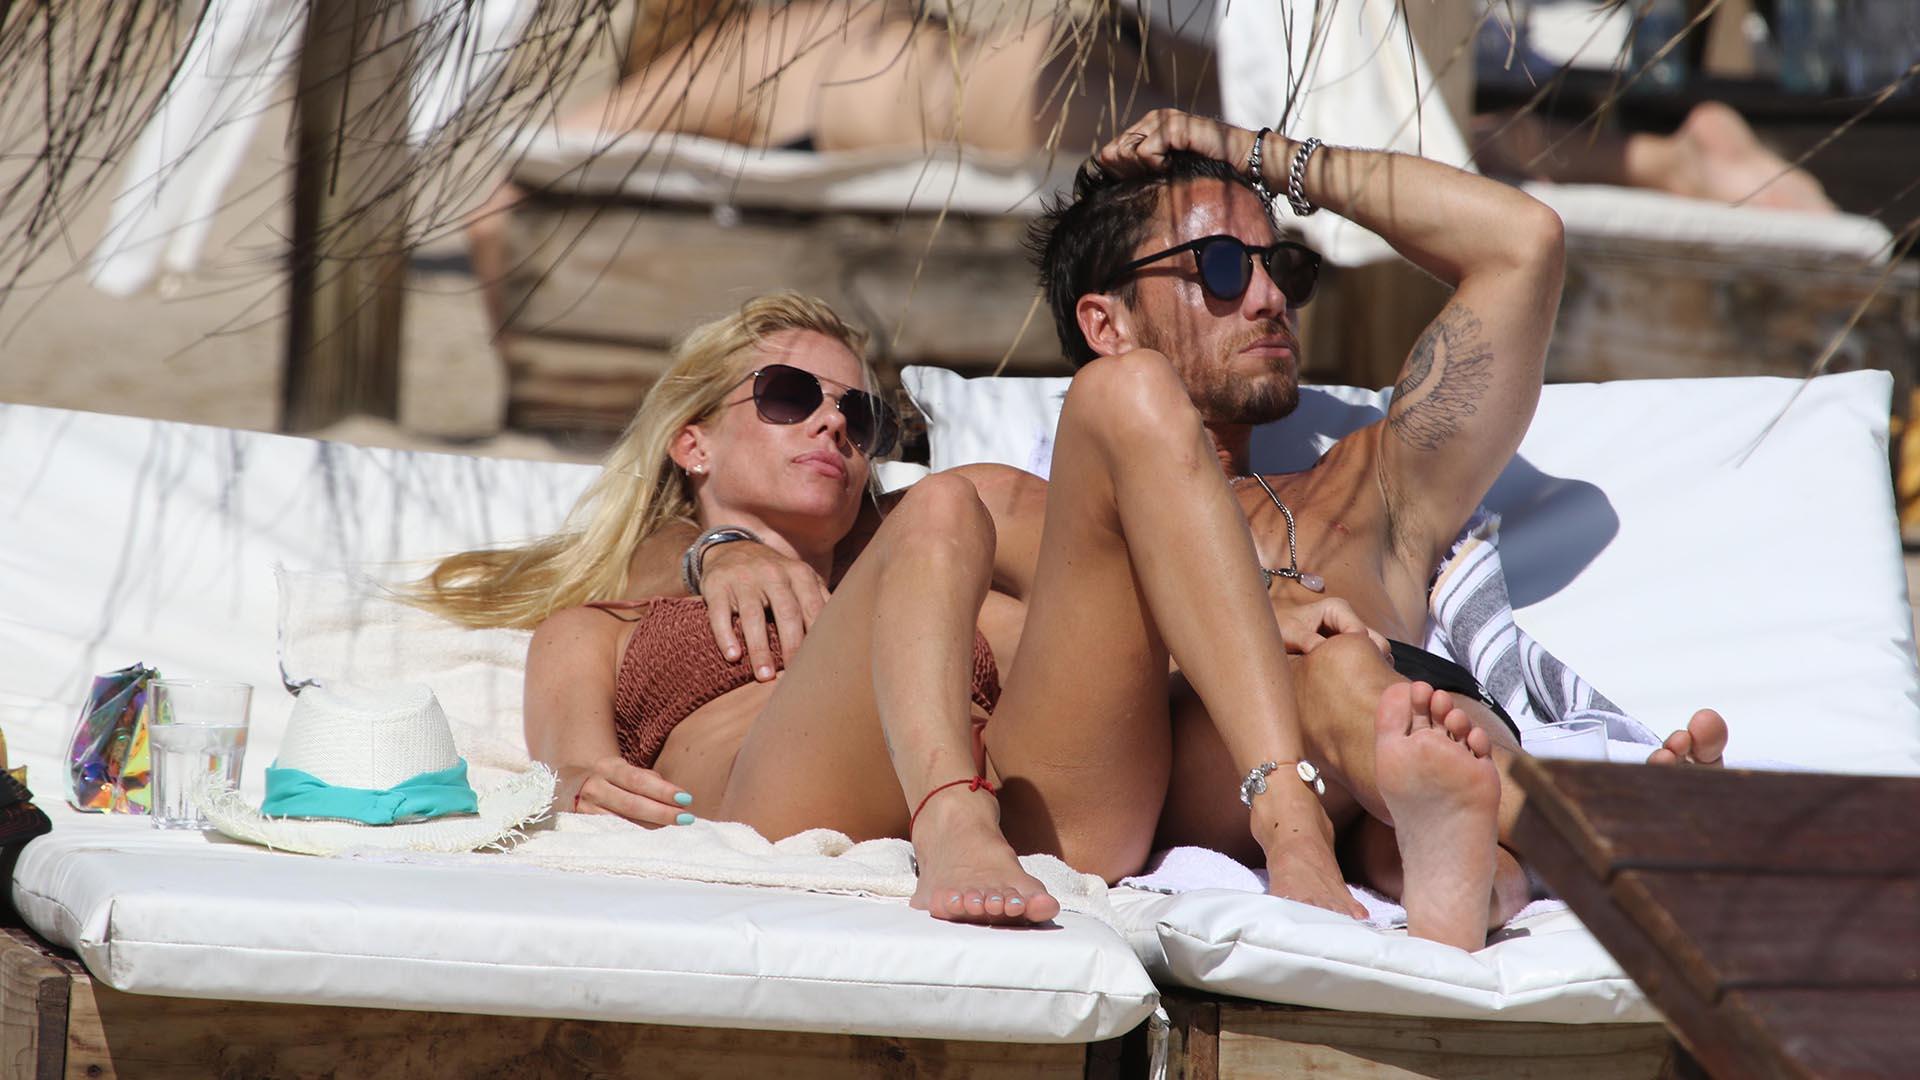 Nicole Neumann realizó una escapada romántica con Matías Tasín en las playas uruguayas, tras haber estado distanciados (GM Press)